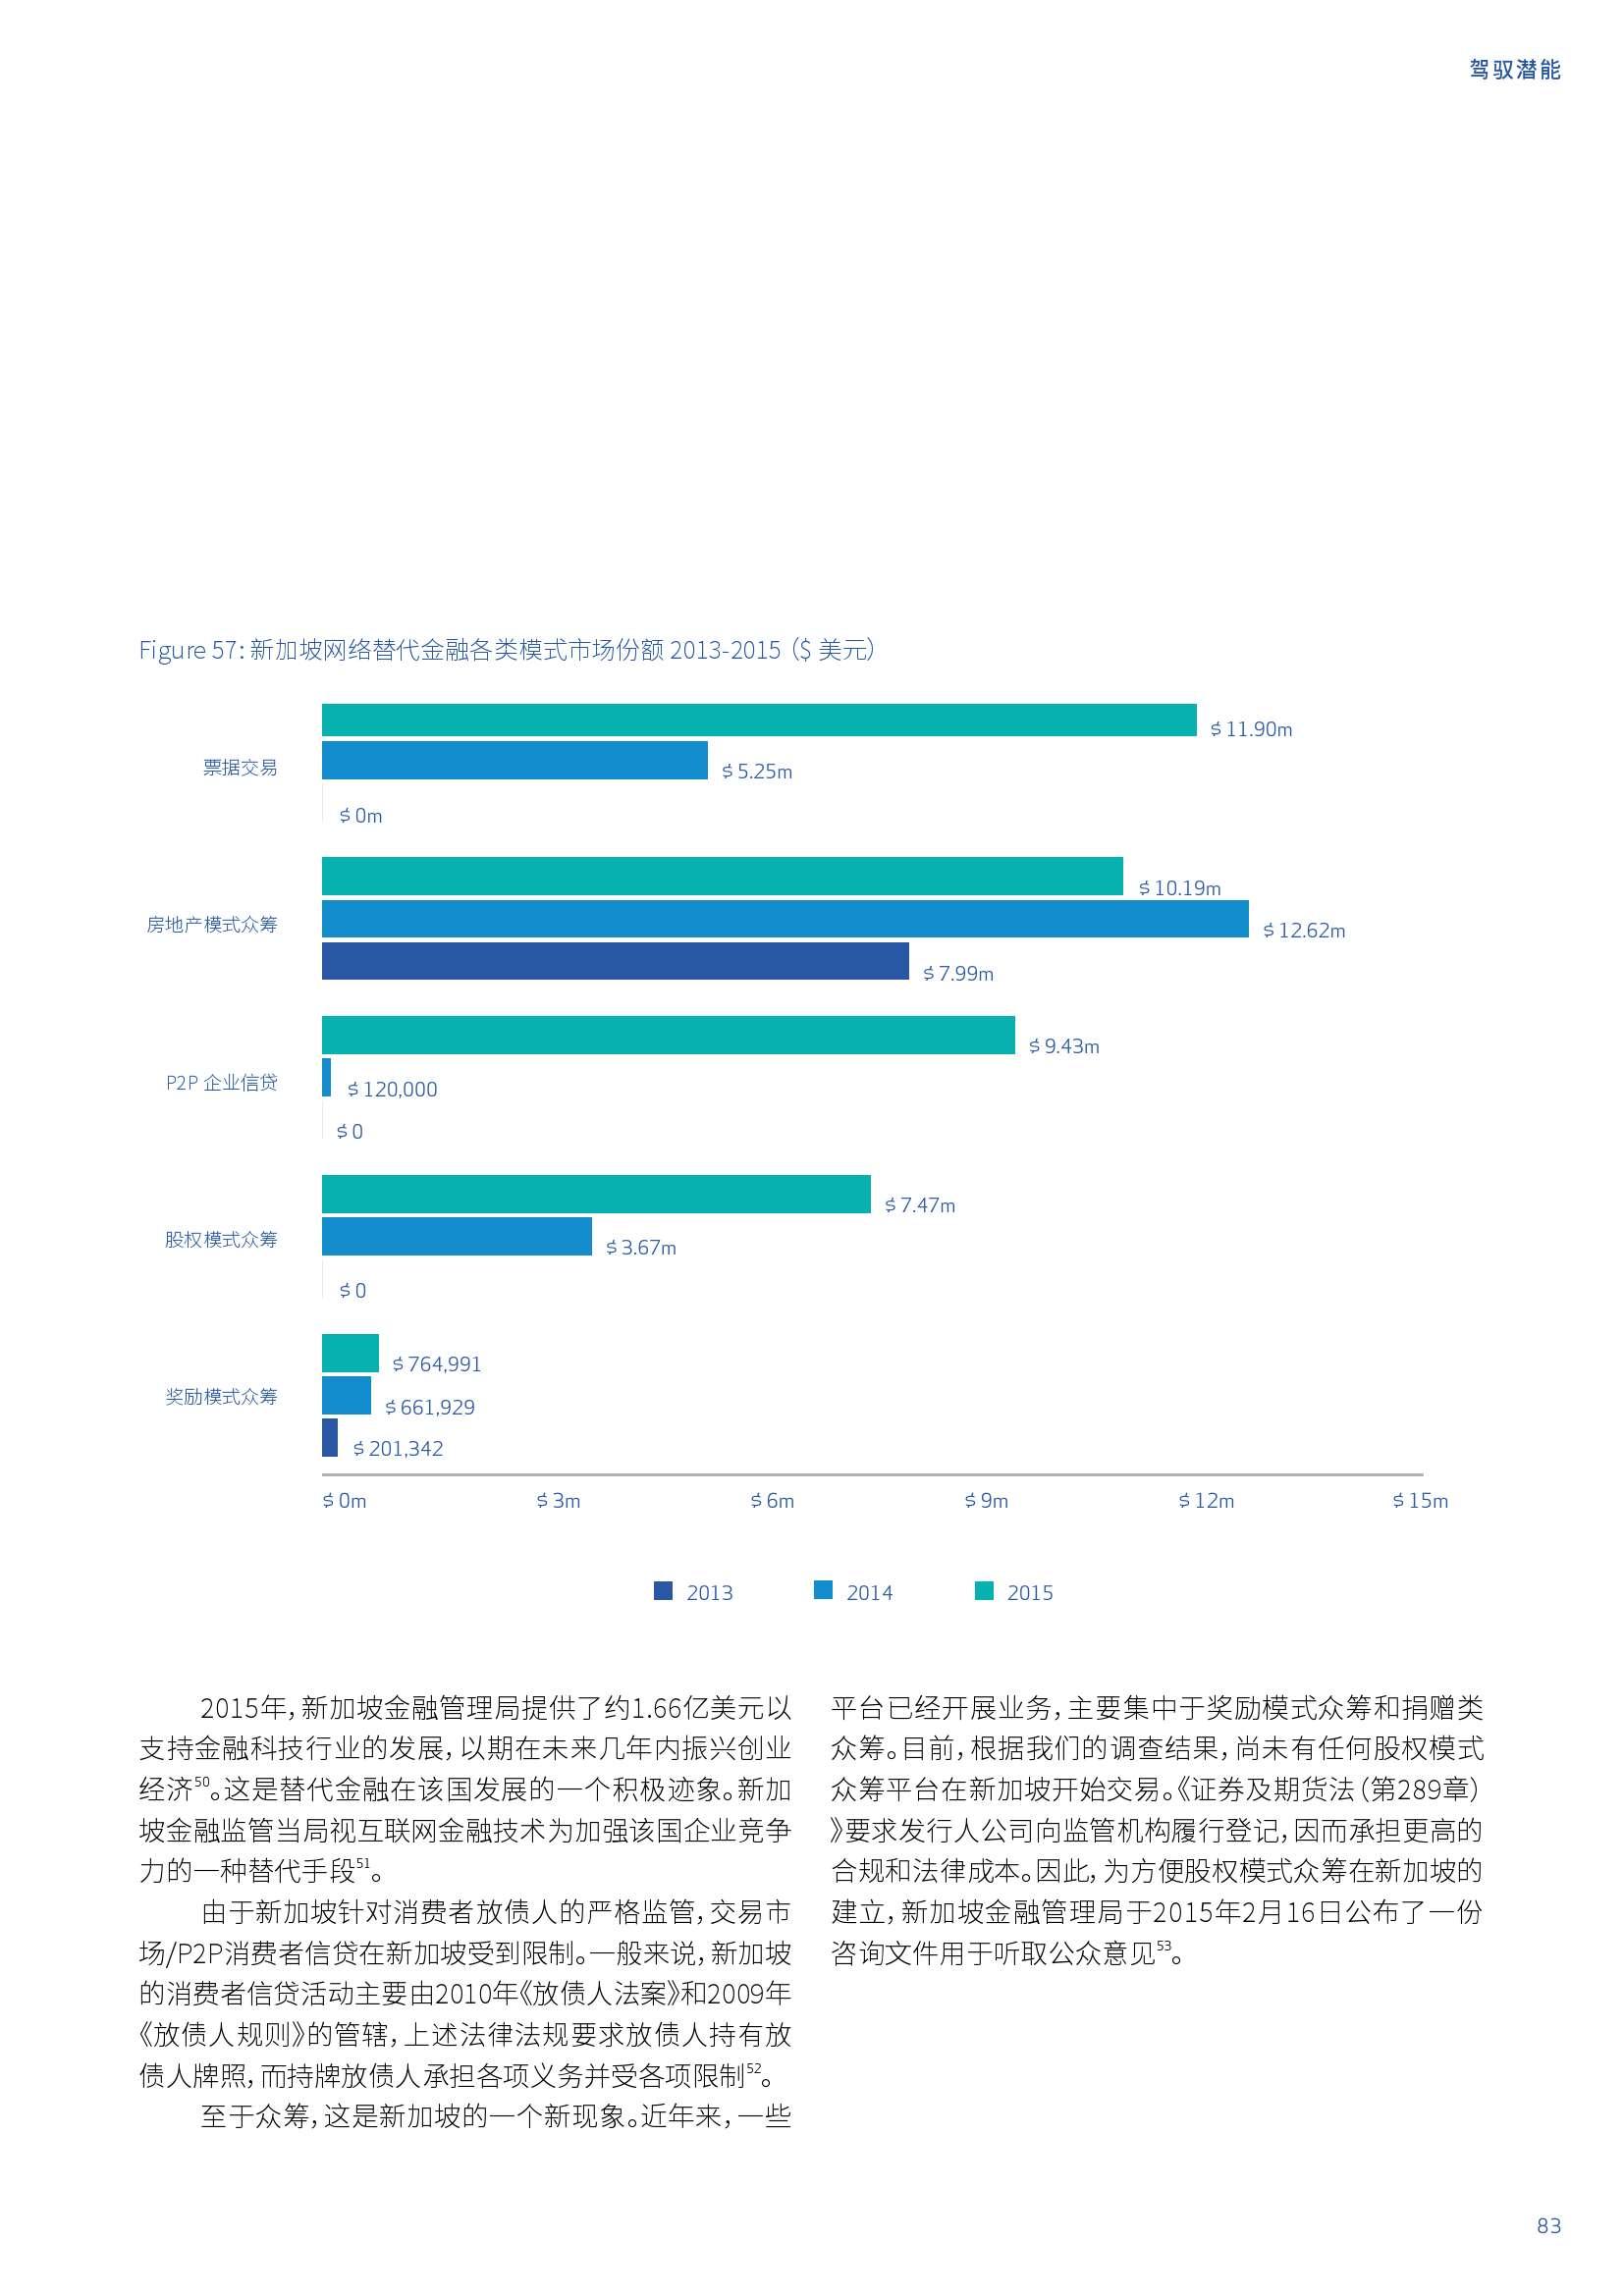 亚太地区网络替代金融基准报告_000083